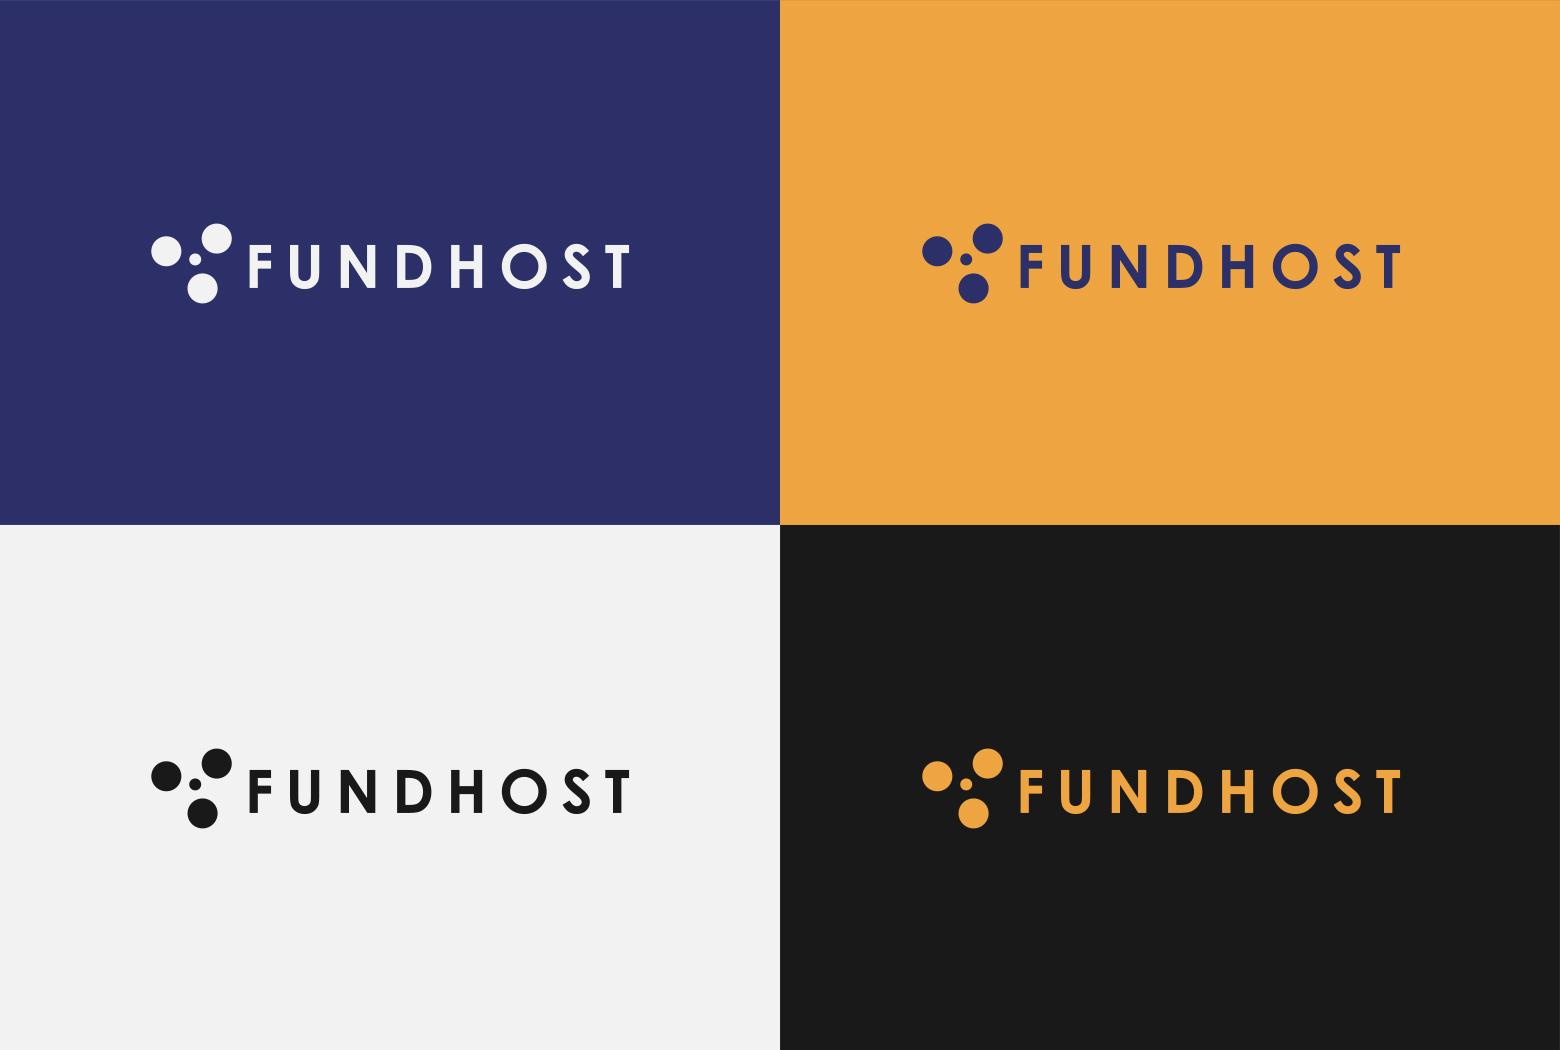 Nectar-&-Co-Fundhost-Logo-Design-Variants.jpg